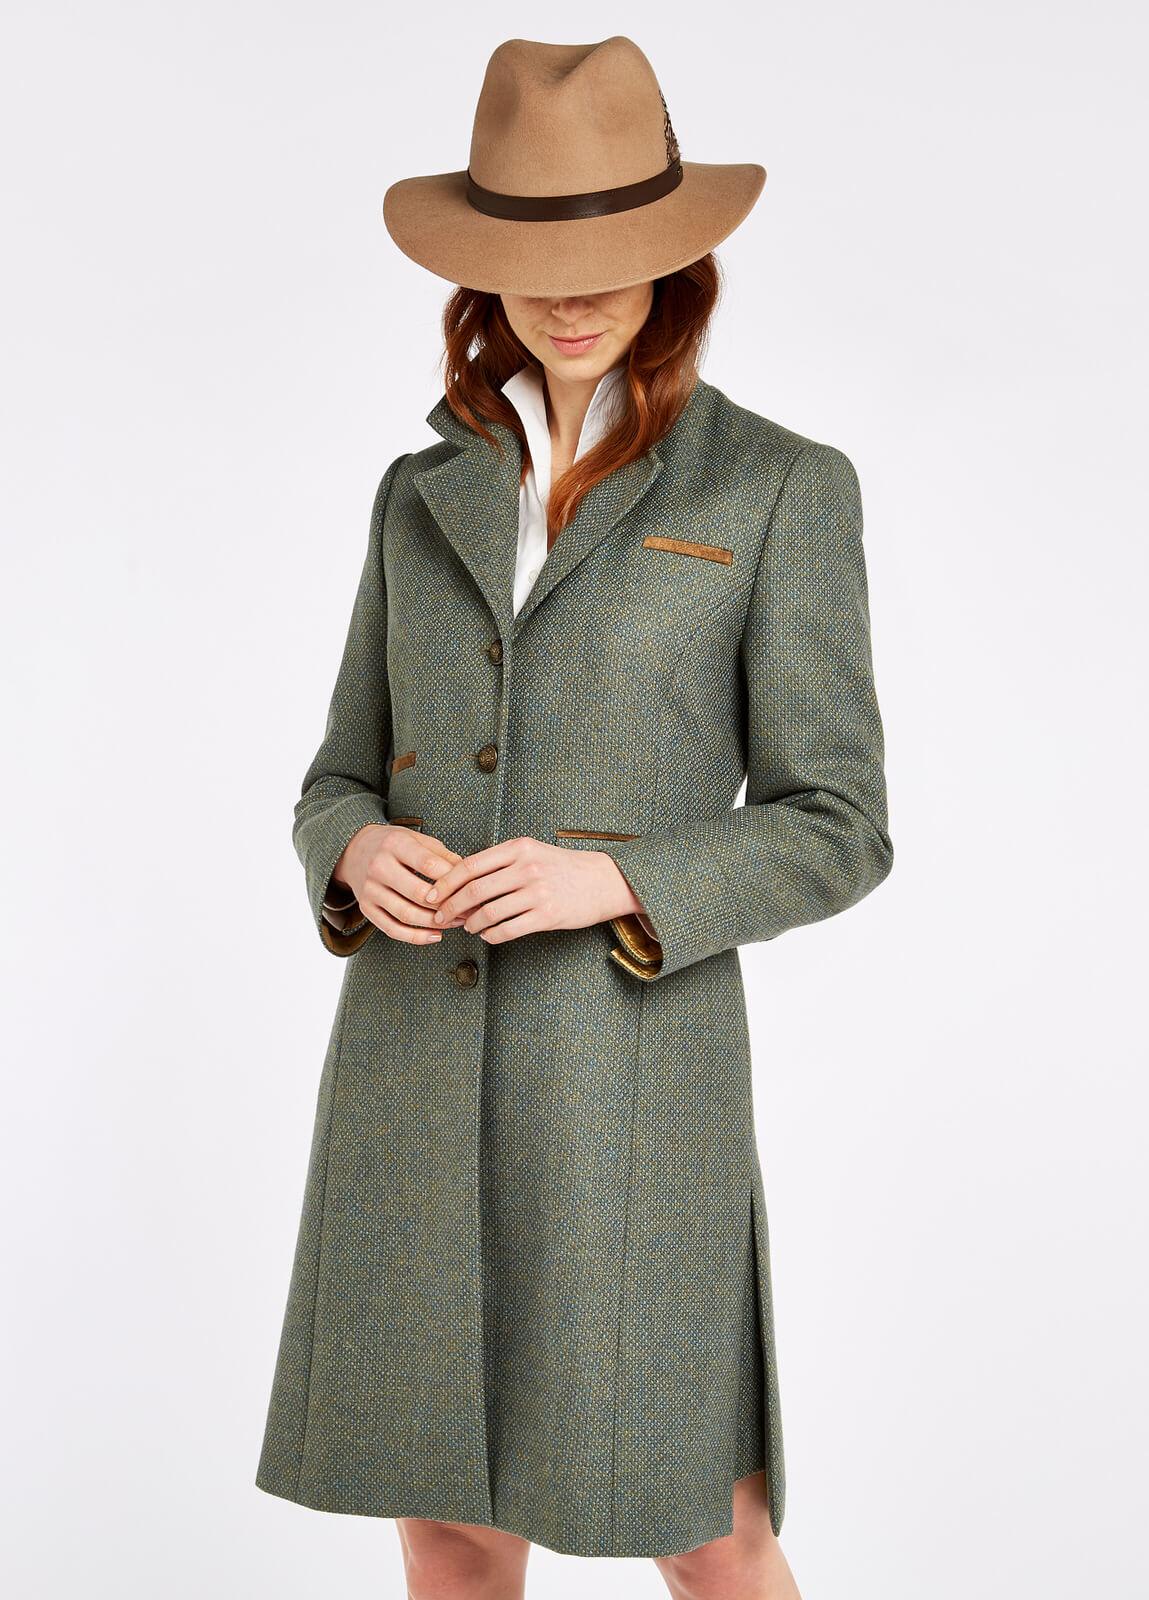 Dubarry_Blackthorn_Tweed_Jacket_Rowan_on_model_2